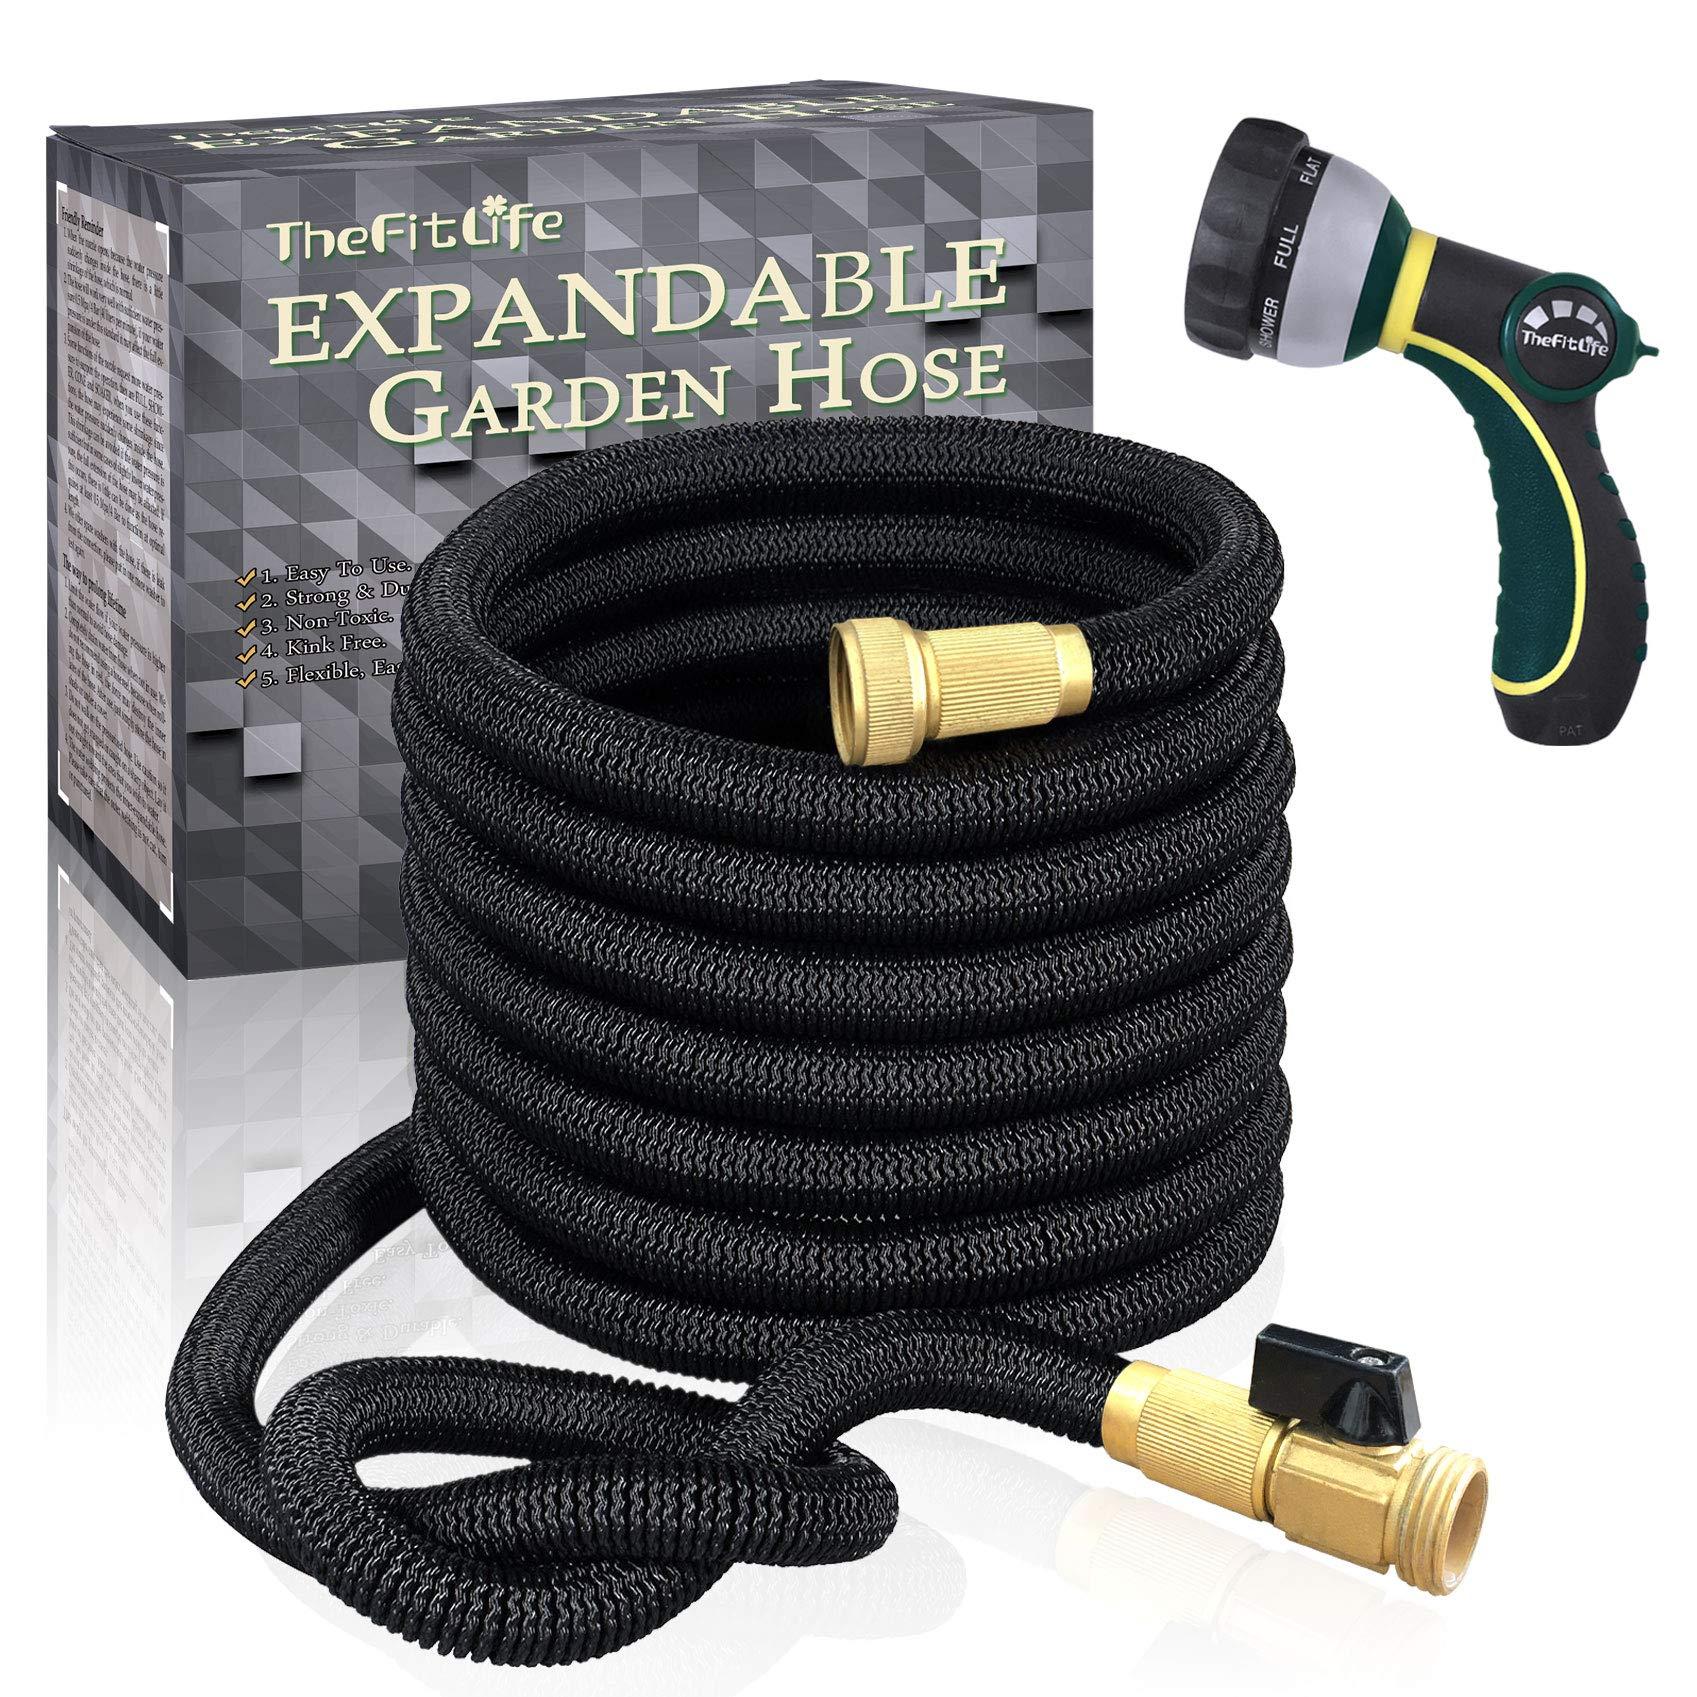 TheFitLife Flexible Expandable Garden Hose